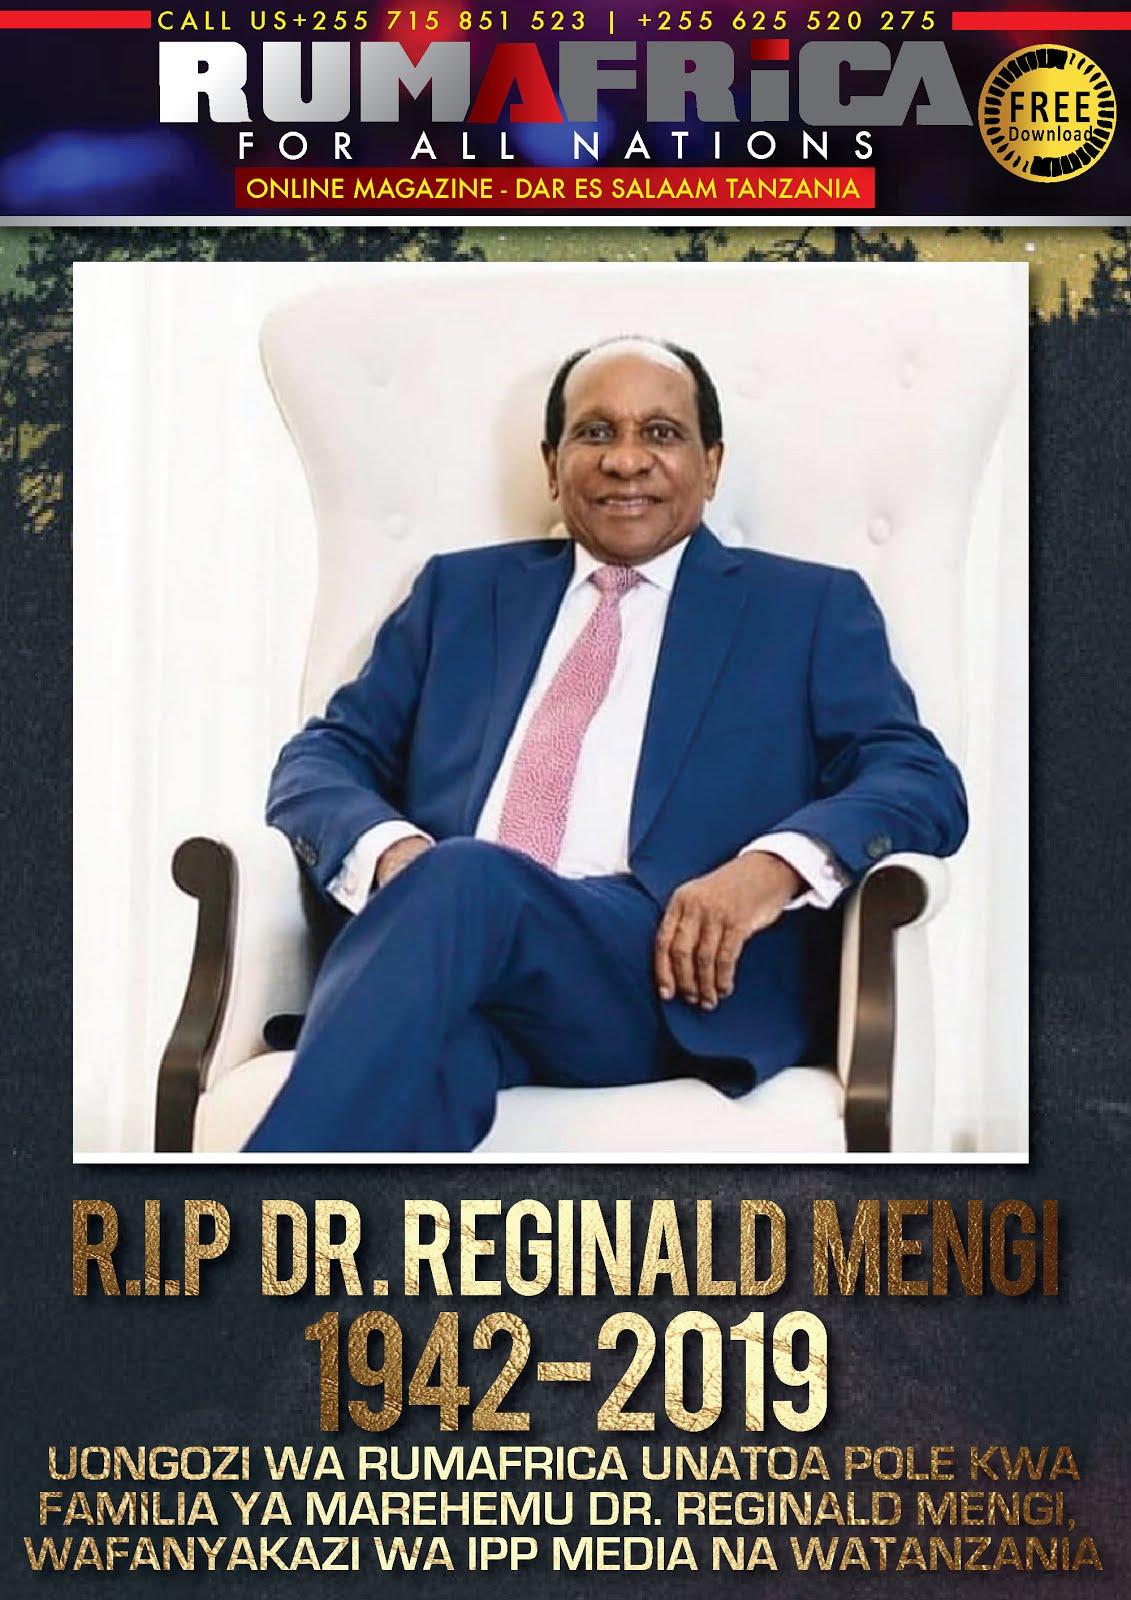 R.I.P DR. REGINALD MENGI